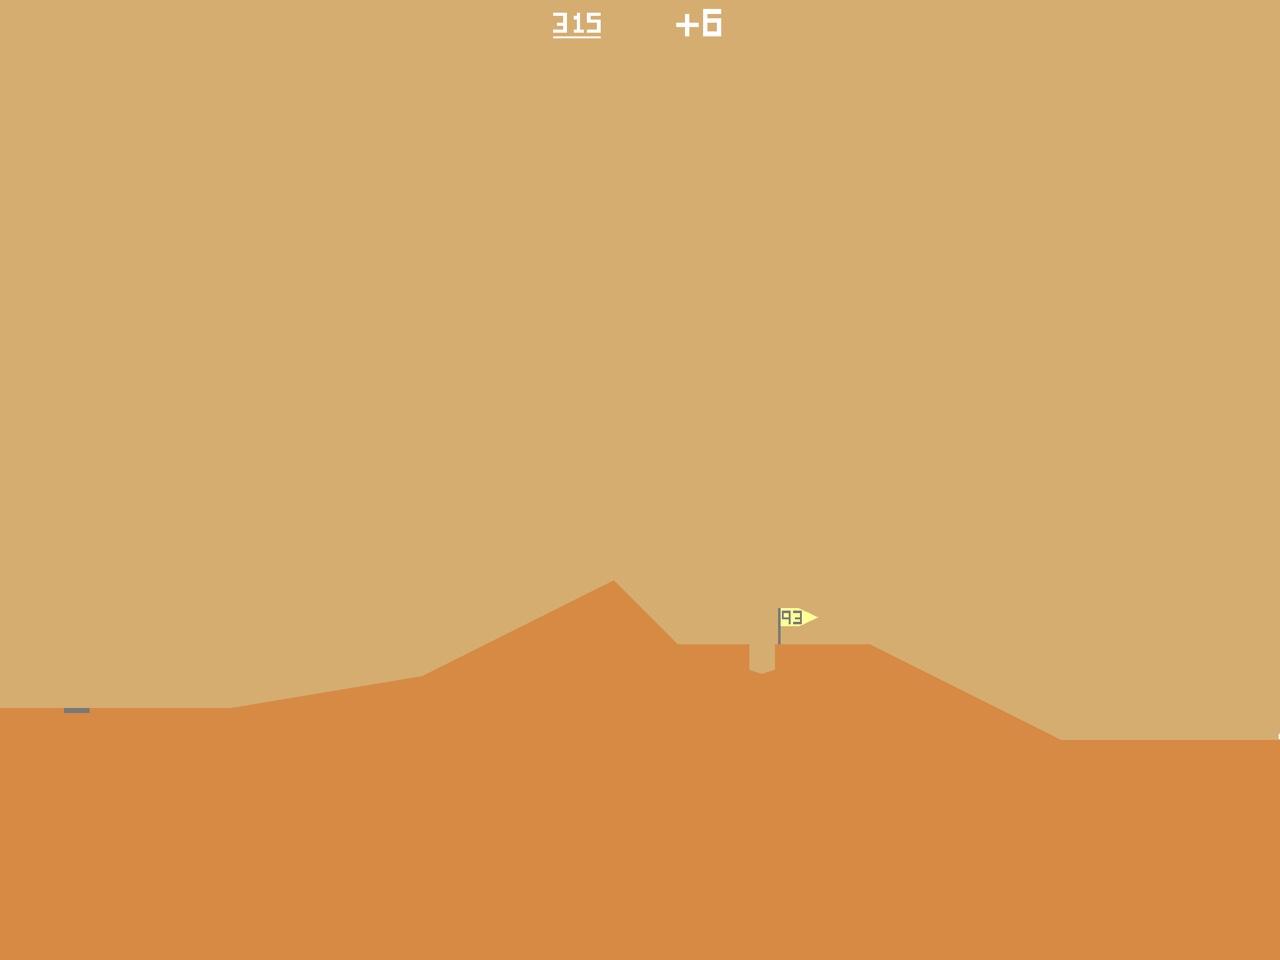 desert-golfing-00005